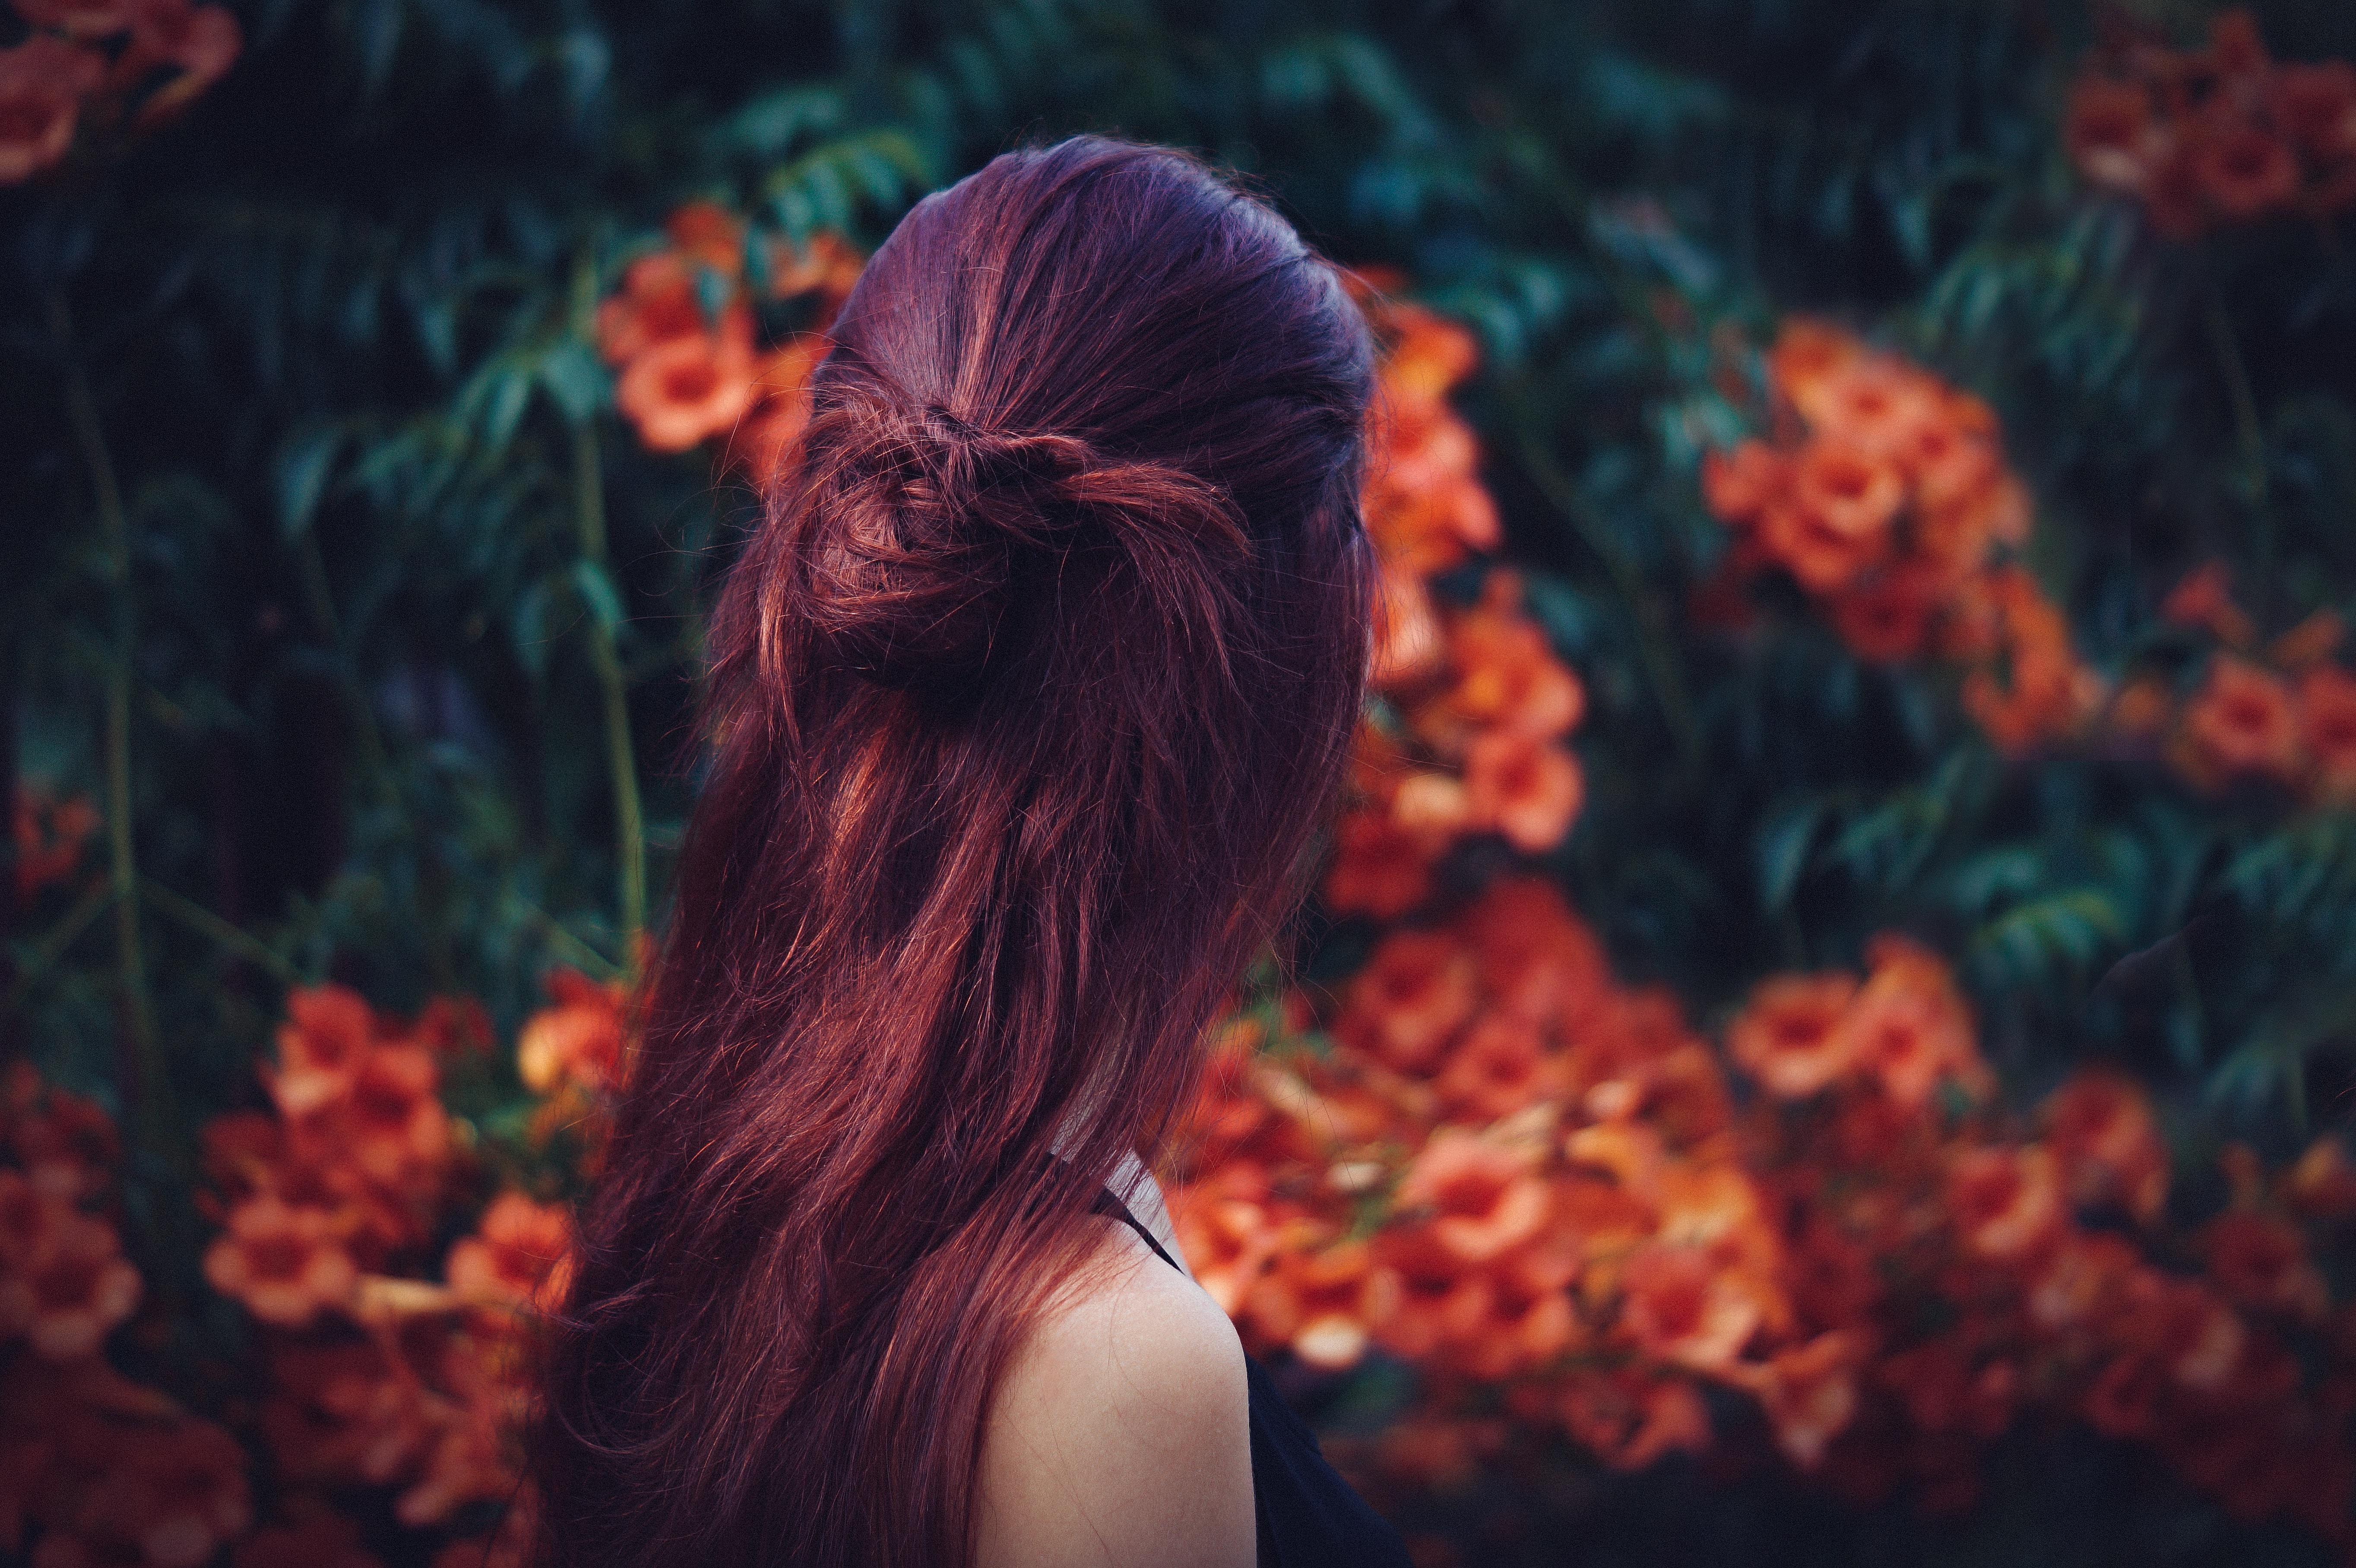 Poze Femeie Par Floare Femeie Roșu Culoare Toamnă